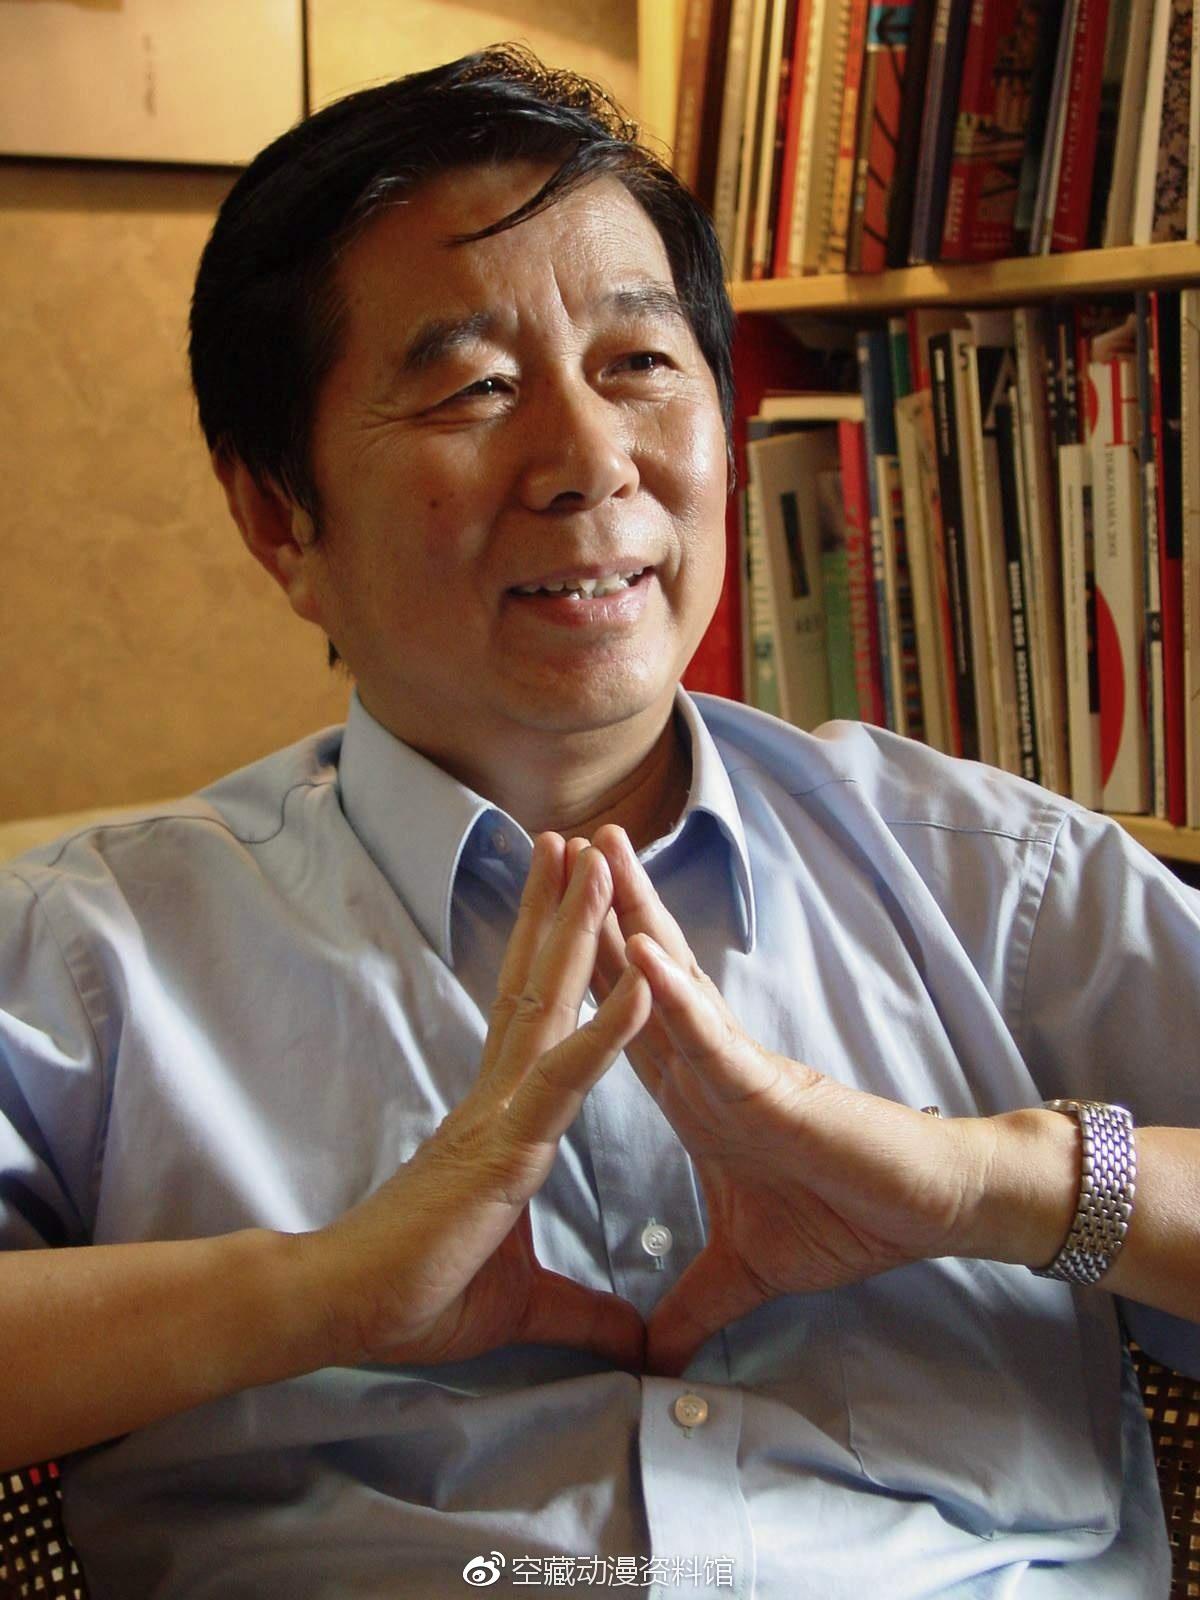 凌纾,著名动画编剧,代表作:《阿凡提的故事》《邋遢大王奇遇记》《西游记》